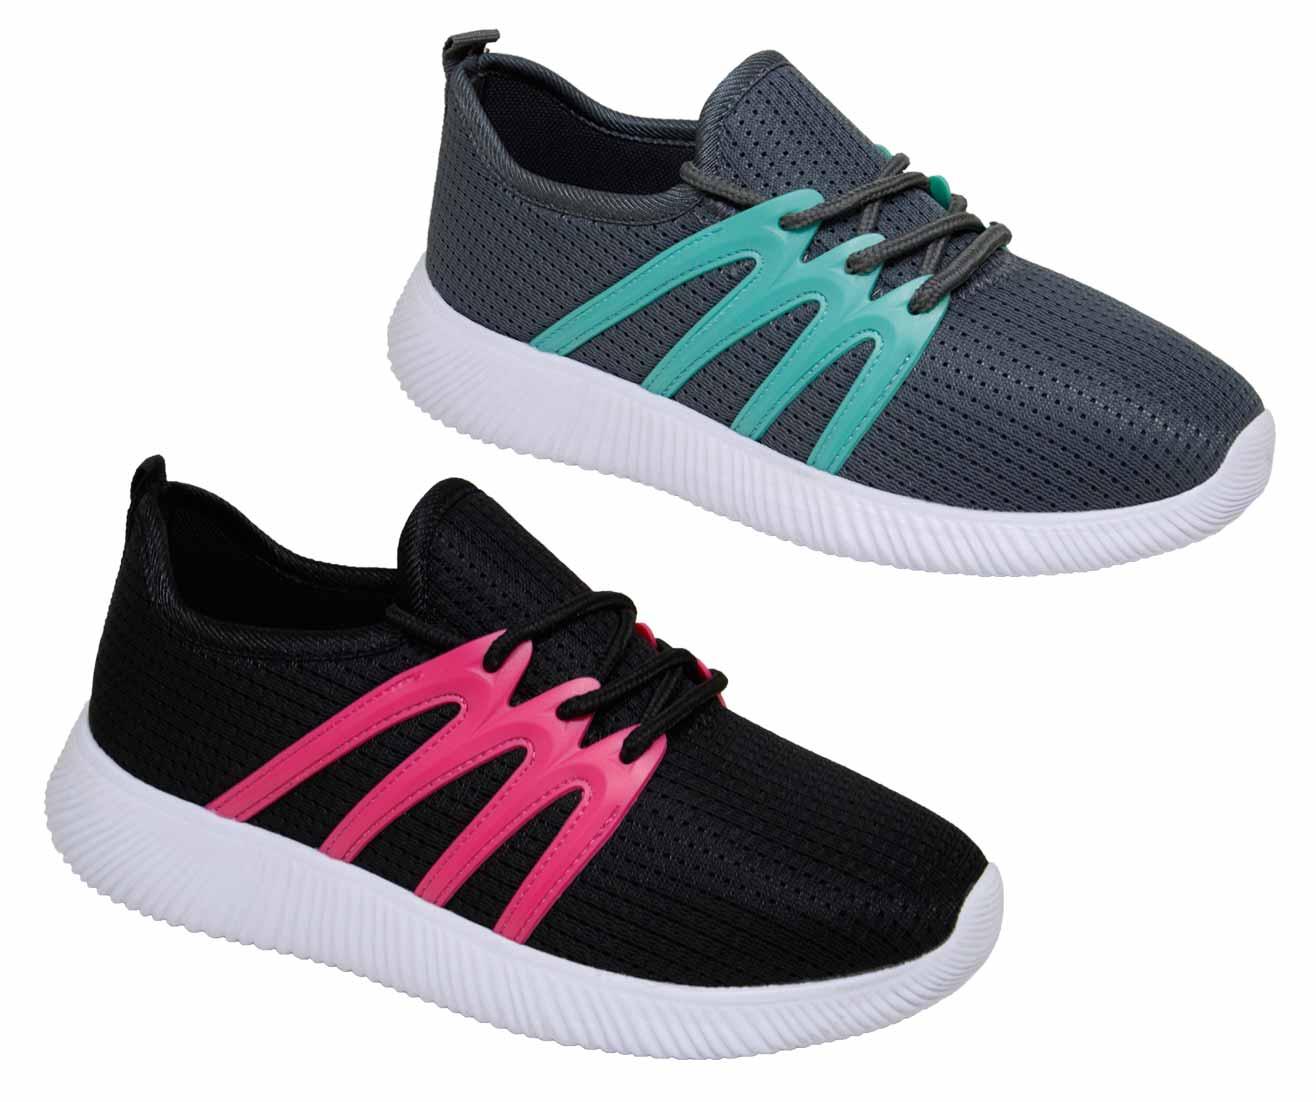 Women's Premium Running SNEAKERS - Sizes 6-10